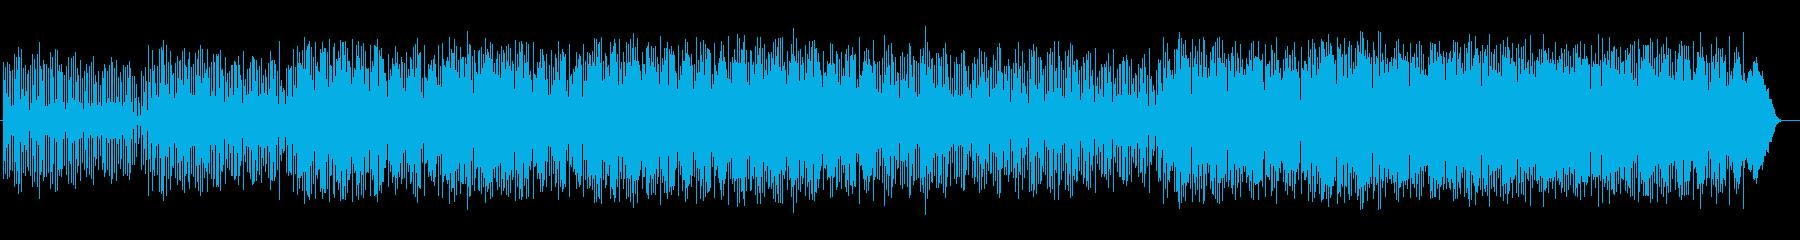 マンドリンや木琴が奏でるかわいらしい曲の再生済みの波形